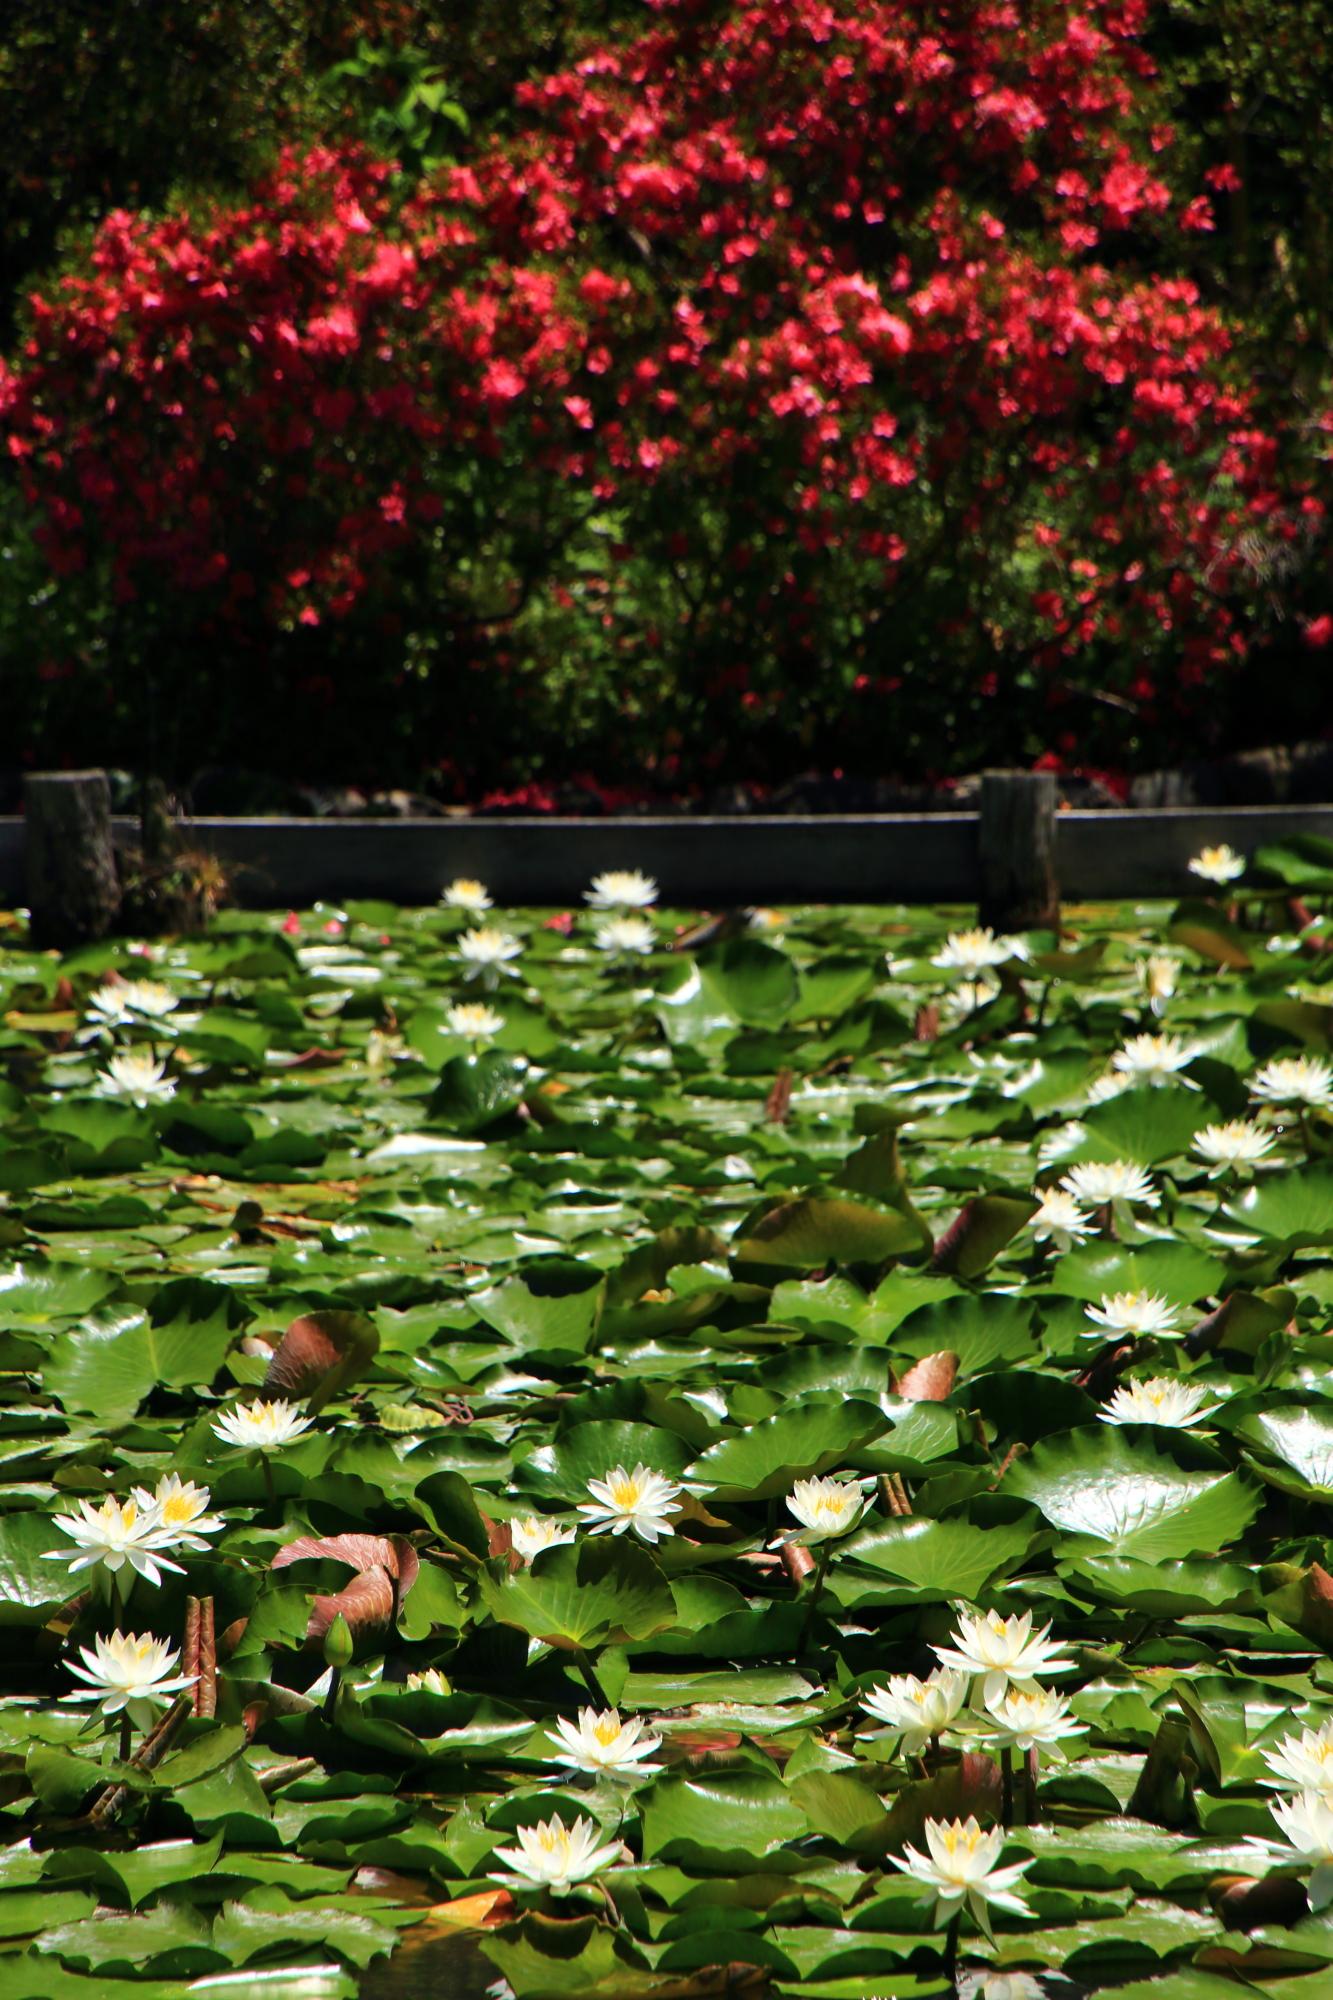 梅宮大社の鮮烈な赤さのツツジと爽やかな白い睡蓮のコラボ